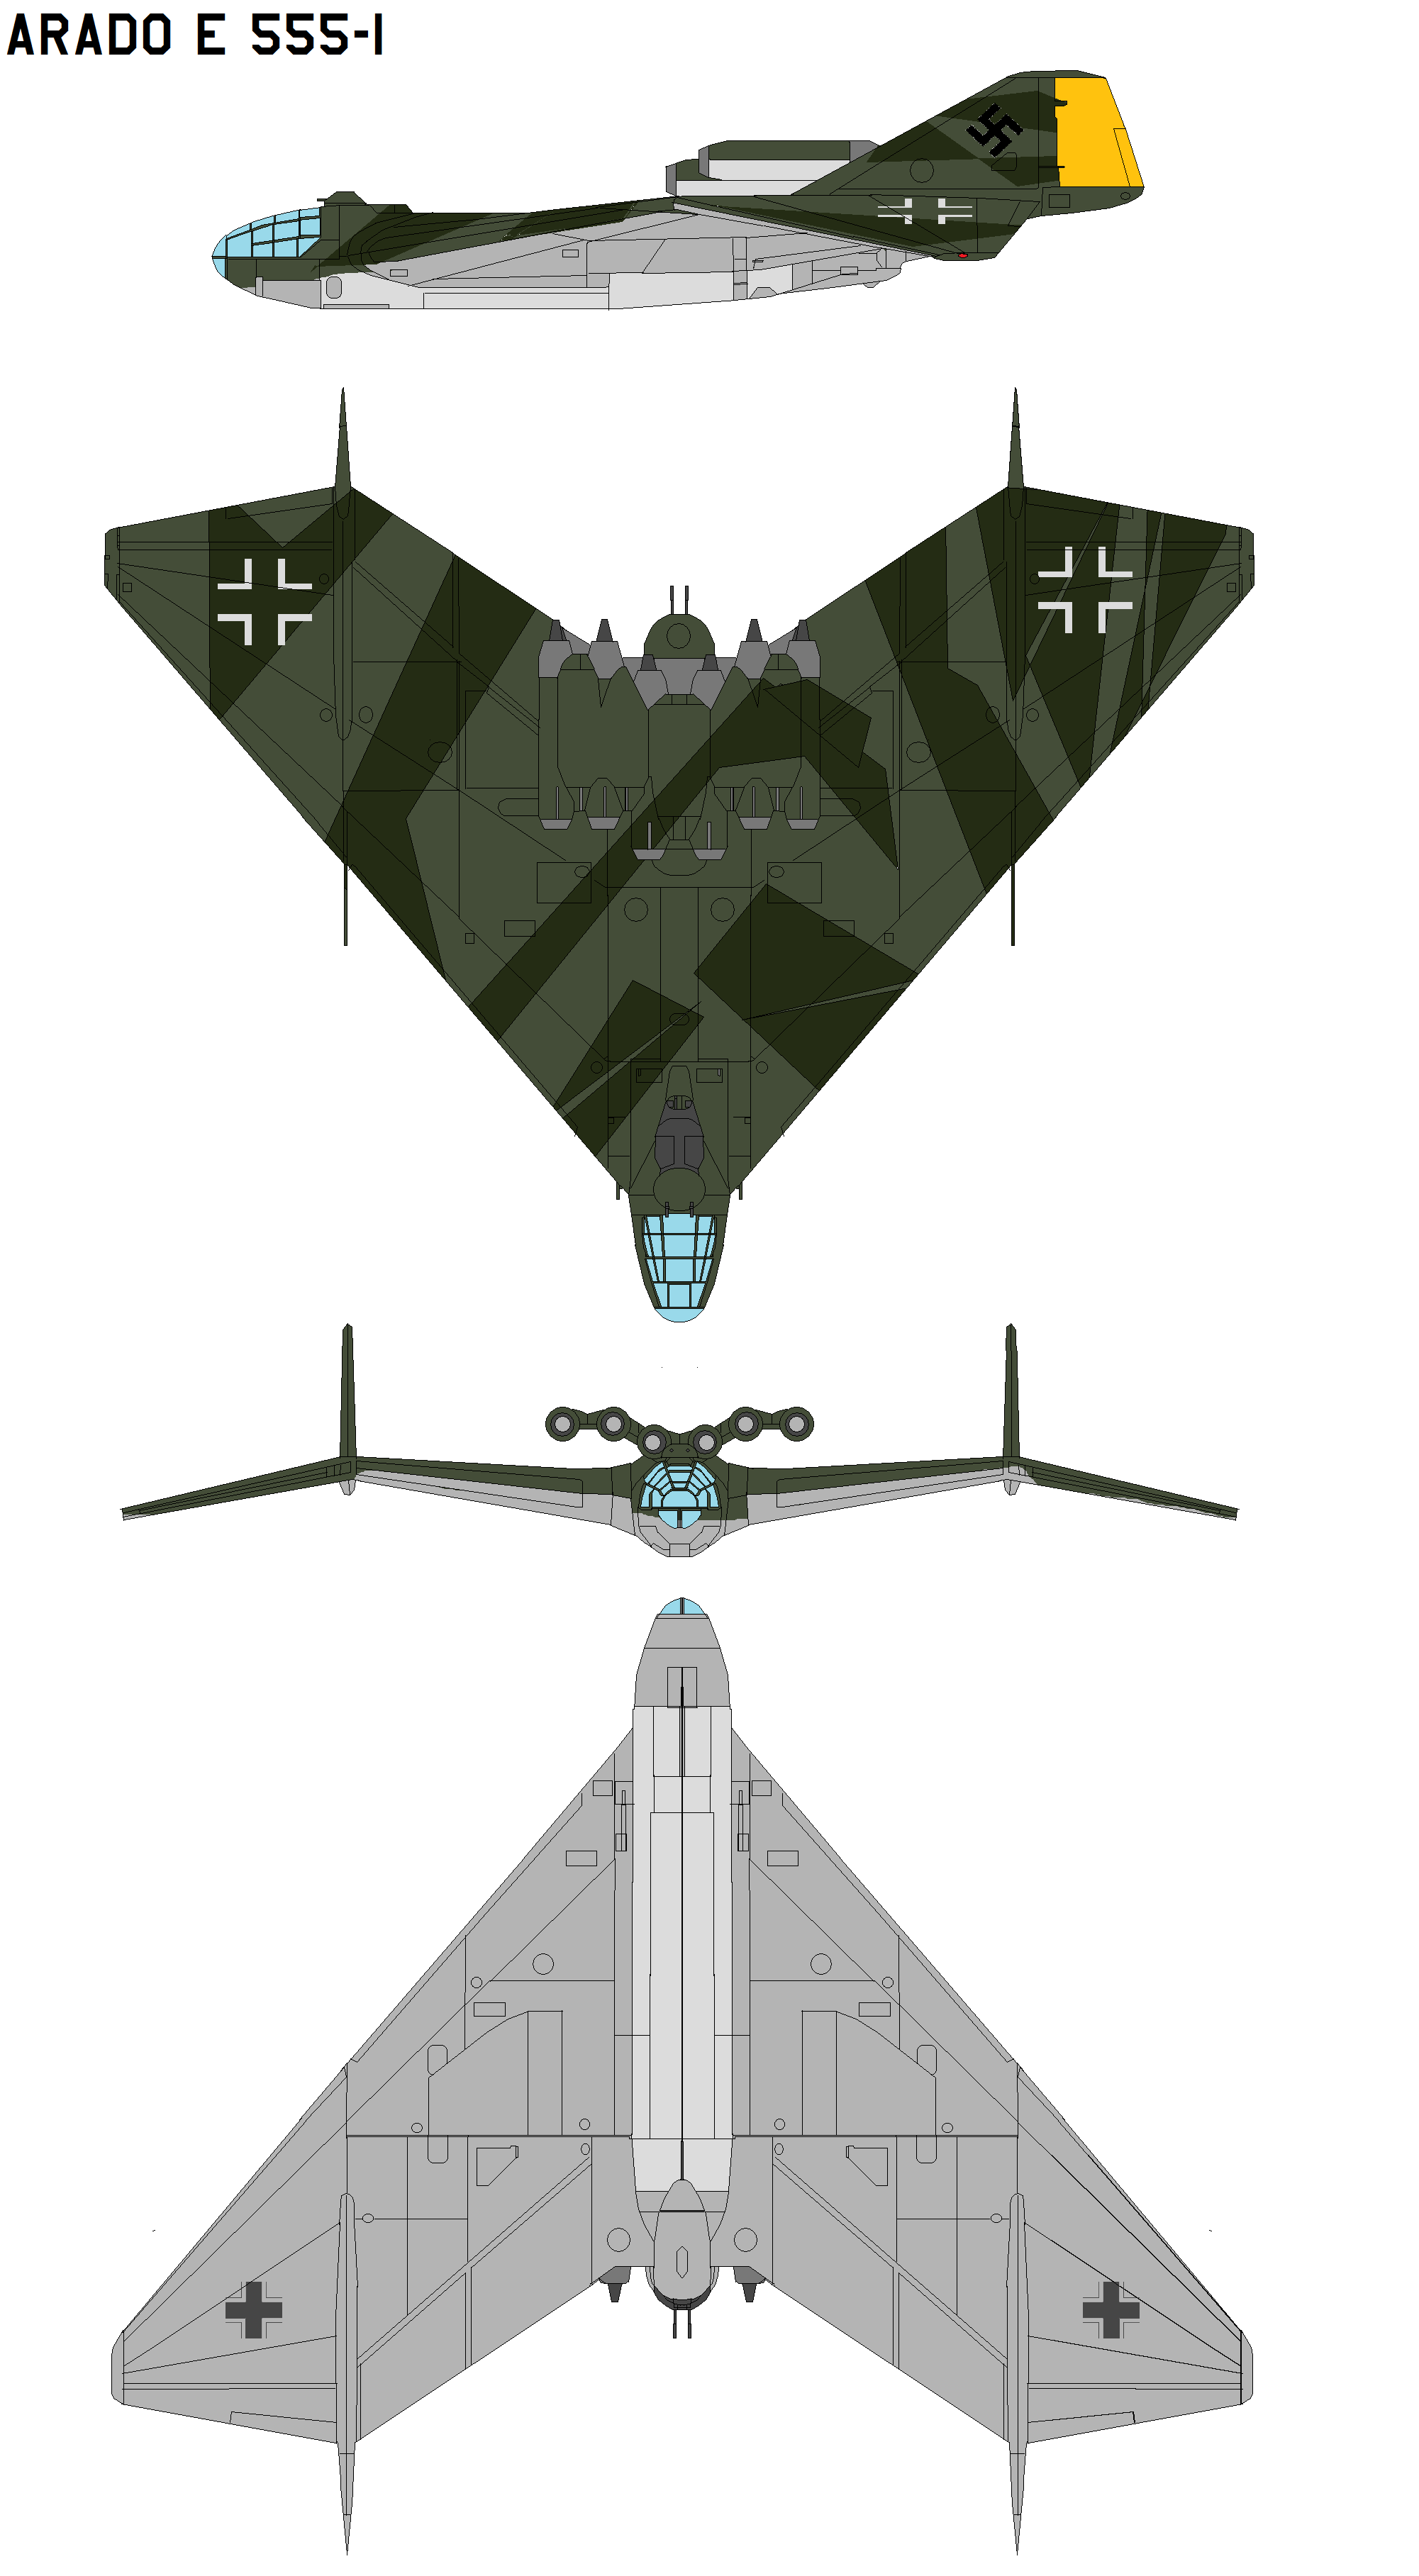 Arado E 555-1 by bagera3005